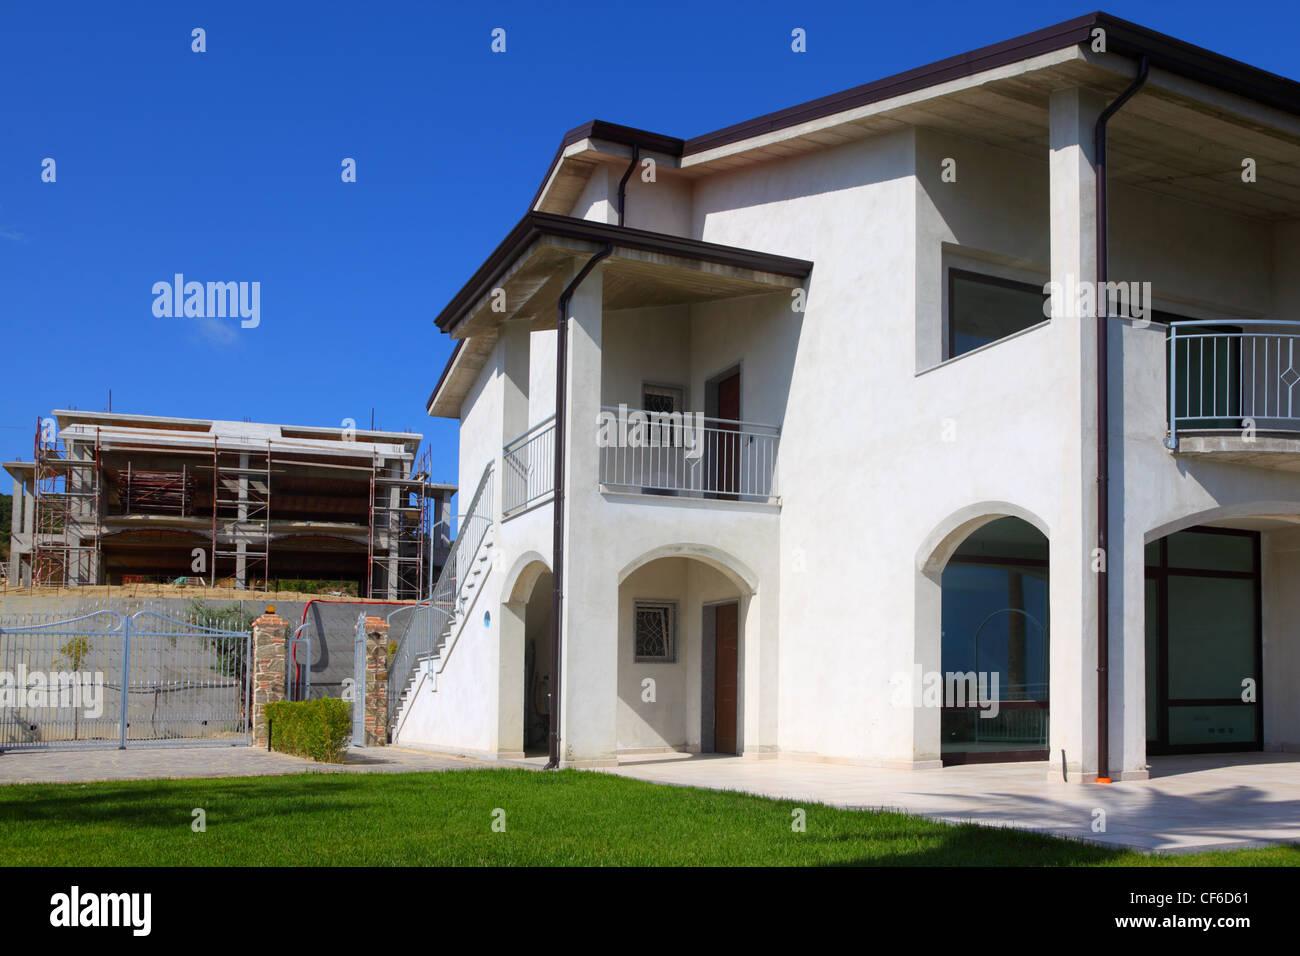 Bekannt Neu fertig weißes zweistöckiges Haus mit Garten, Balkon und Treppe JO78